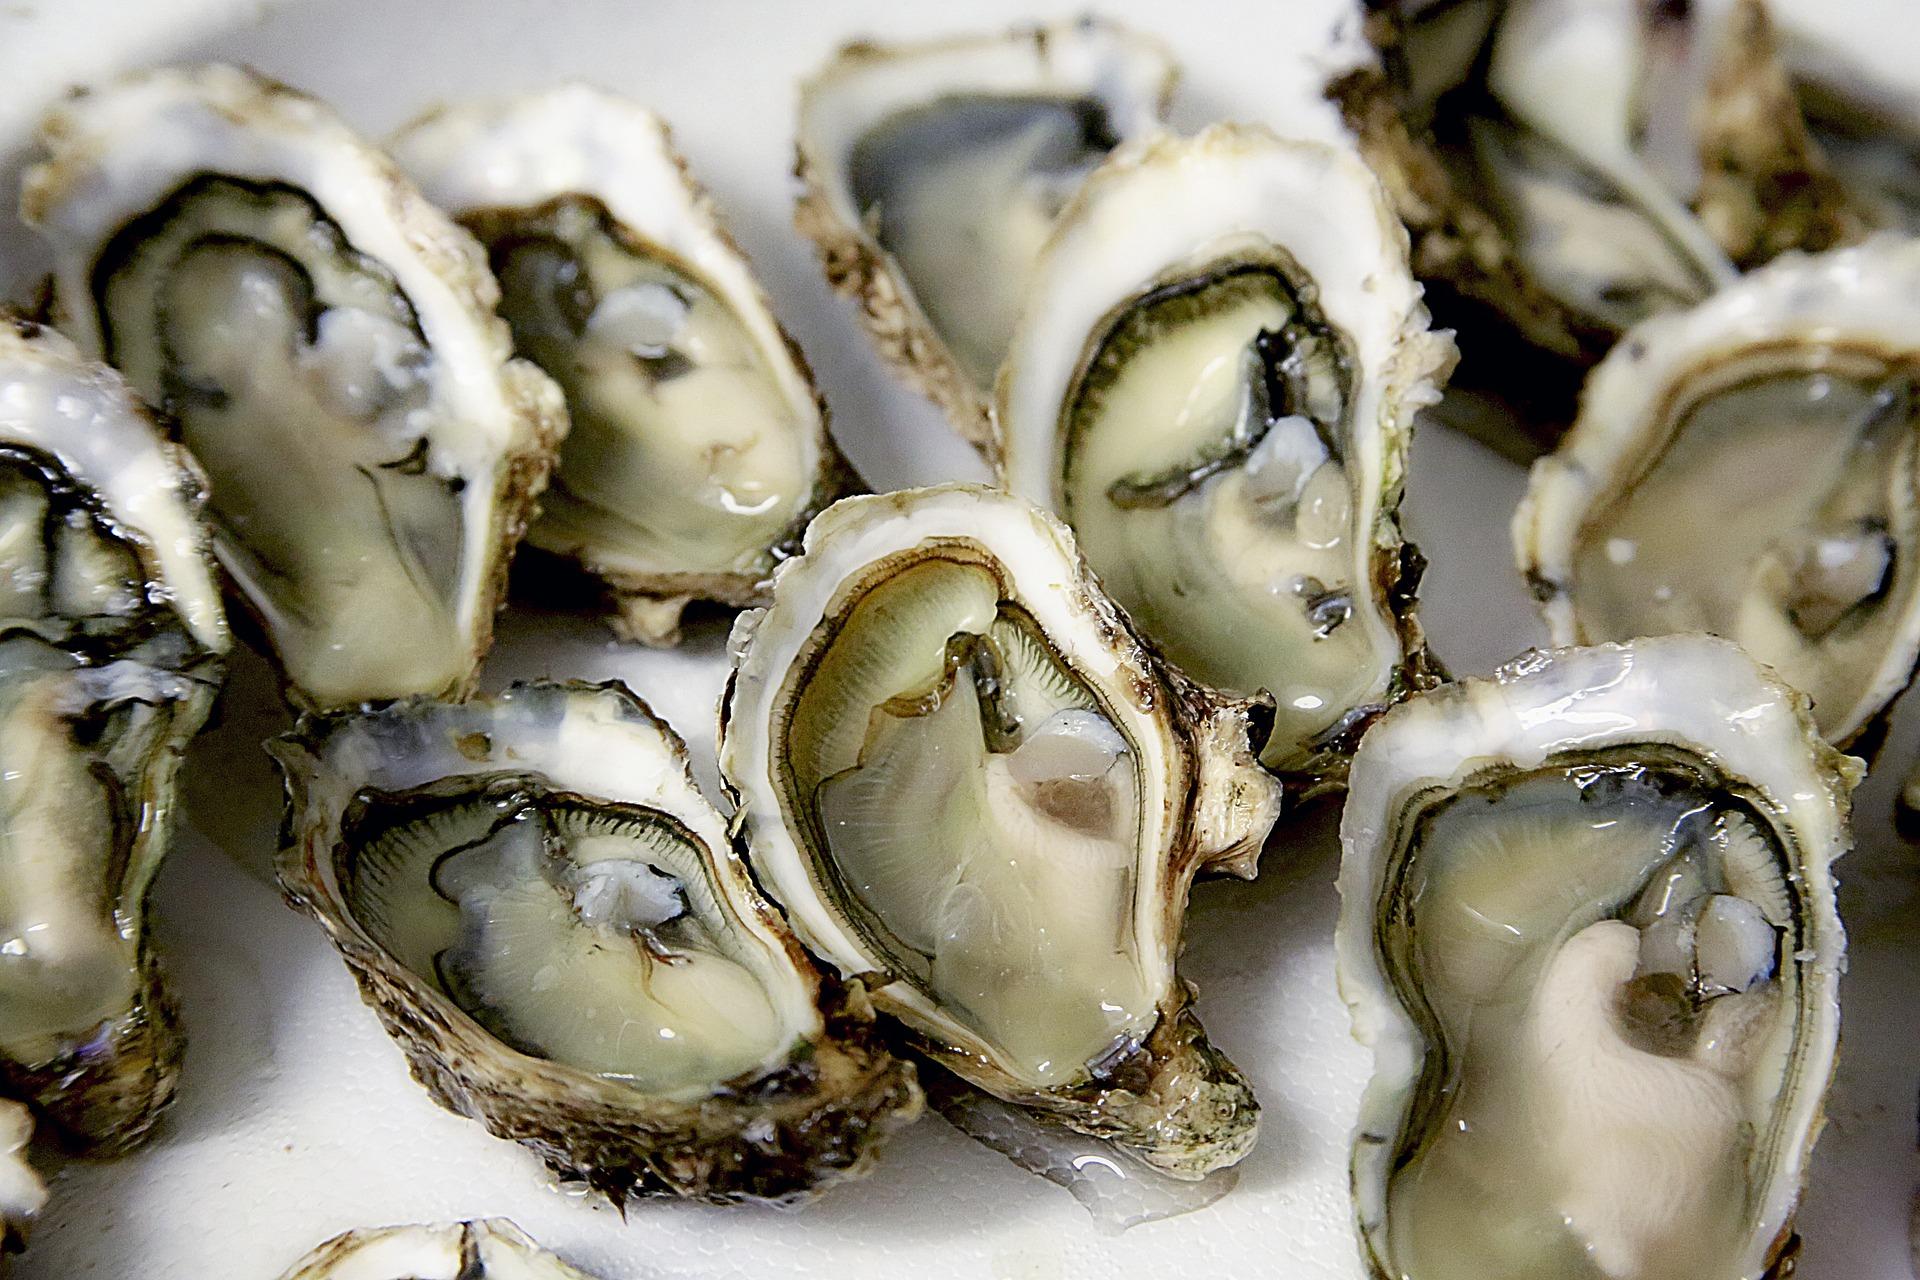 Comment bien choisir ses huîtres? 10